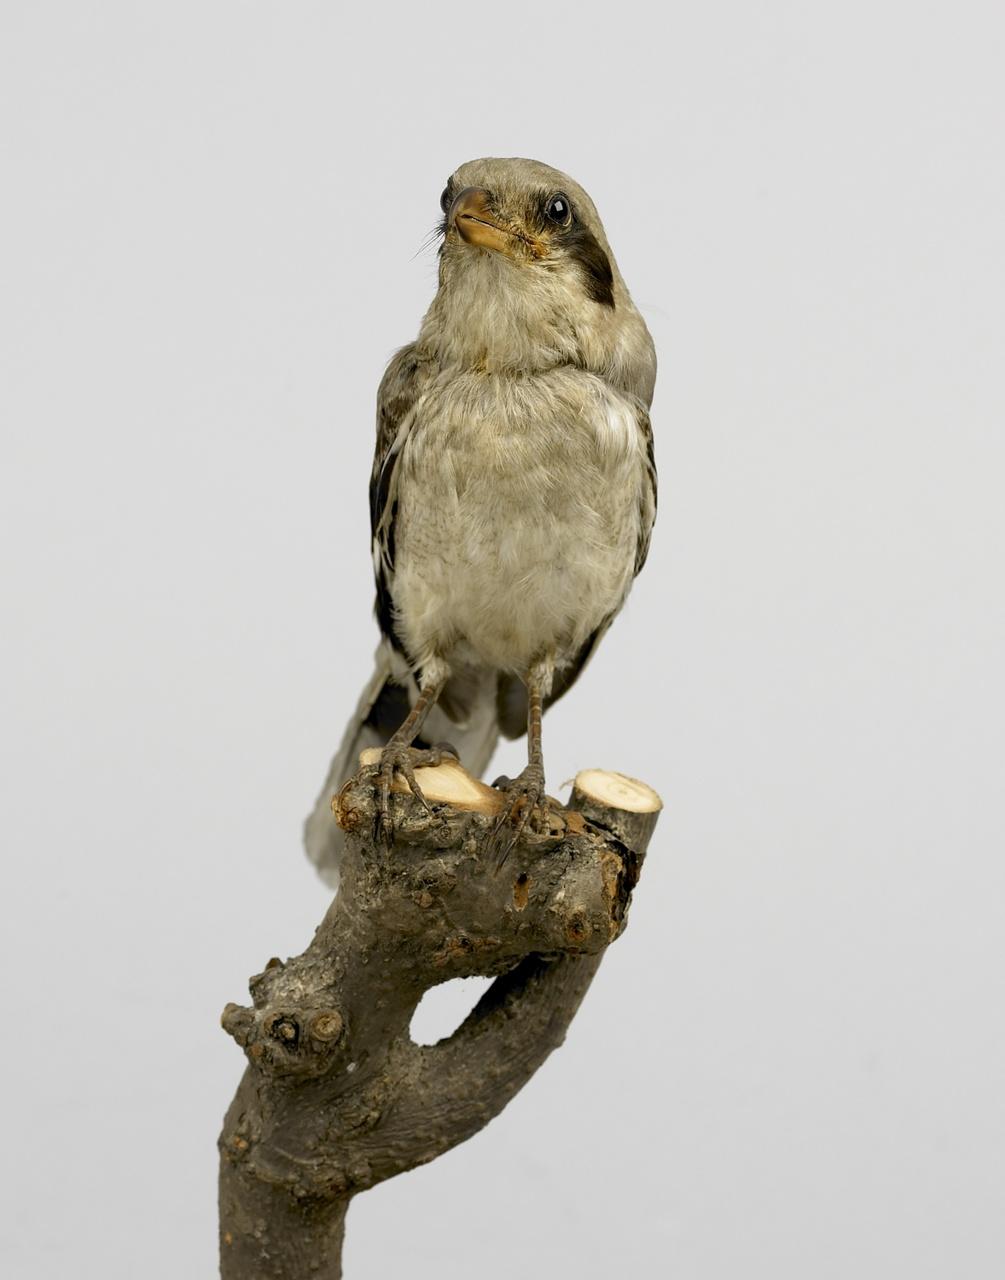 Lanius excubitor Linnaeus, 1758, Klapekster, opgezette vogel